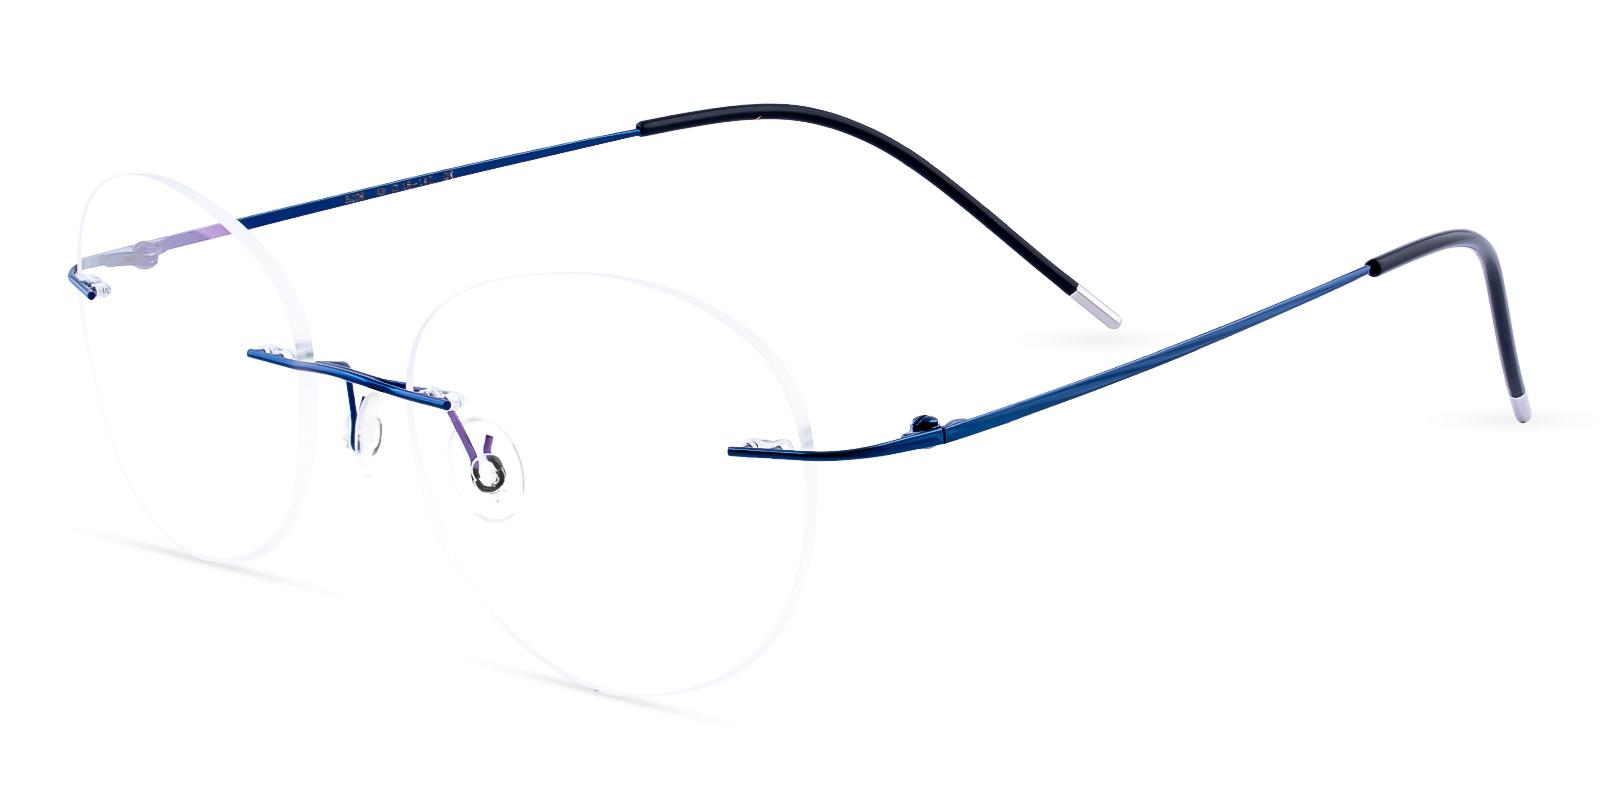 Eritrea Blue Metal Eyeglasses , NosePads Frames from ABBE Glasses